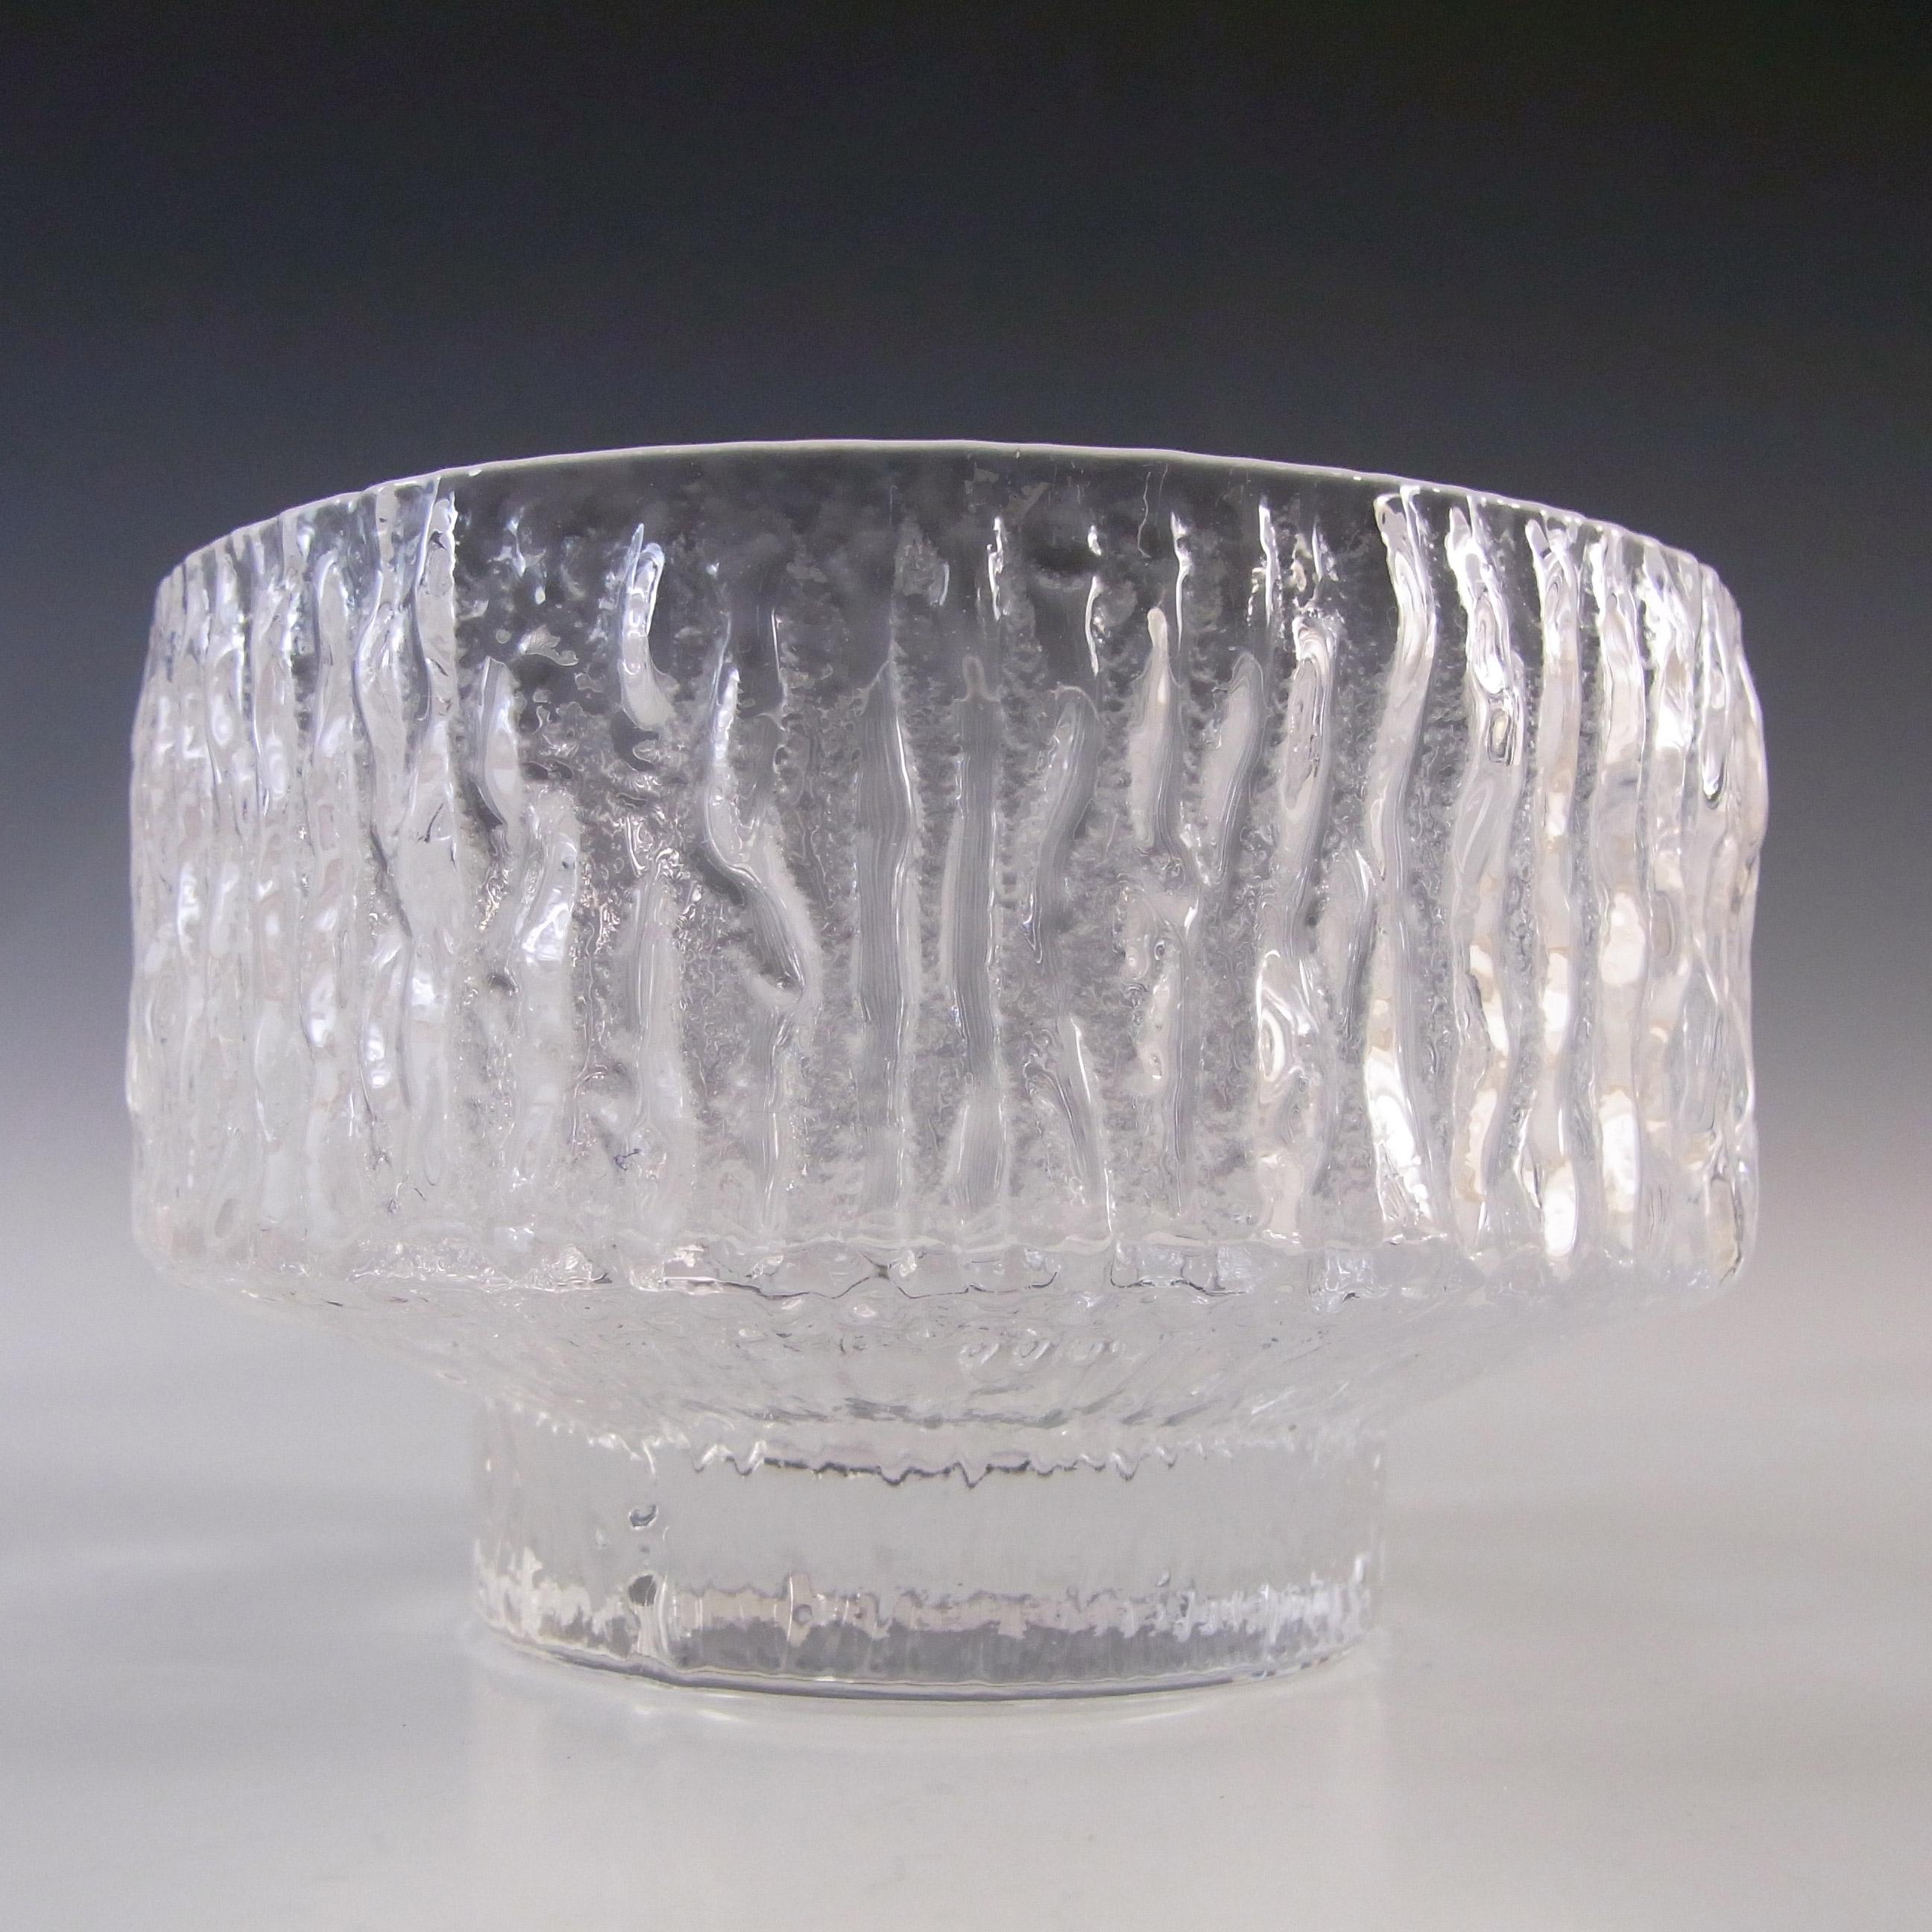 Whitefriars #M136 Geoffrey Baxter Textured Glass Fruit Bowl